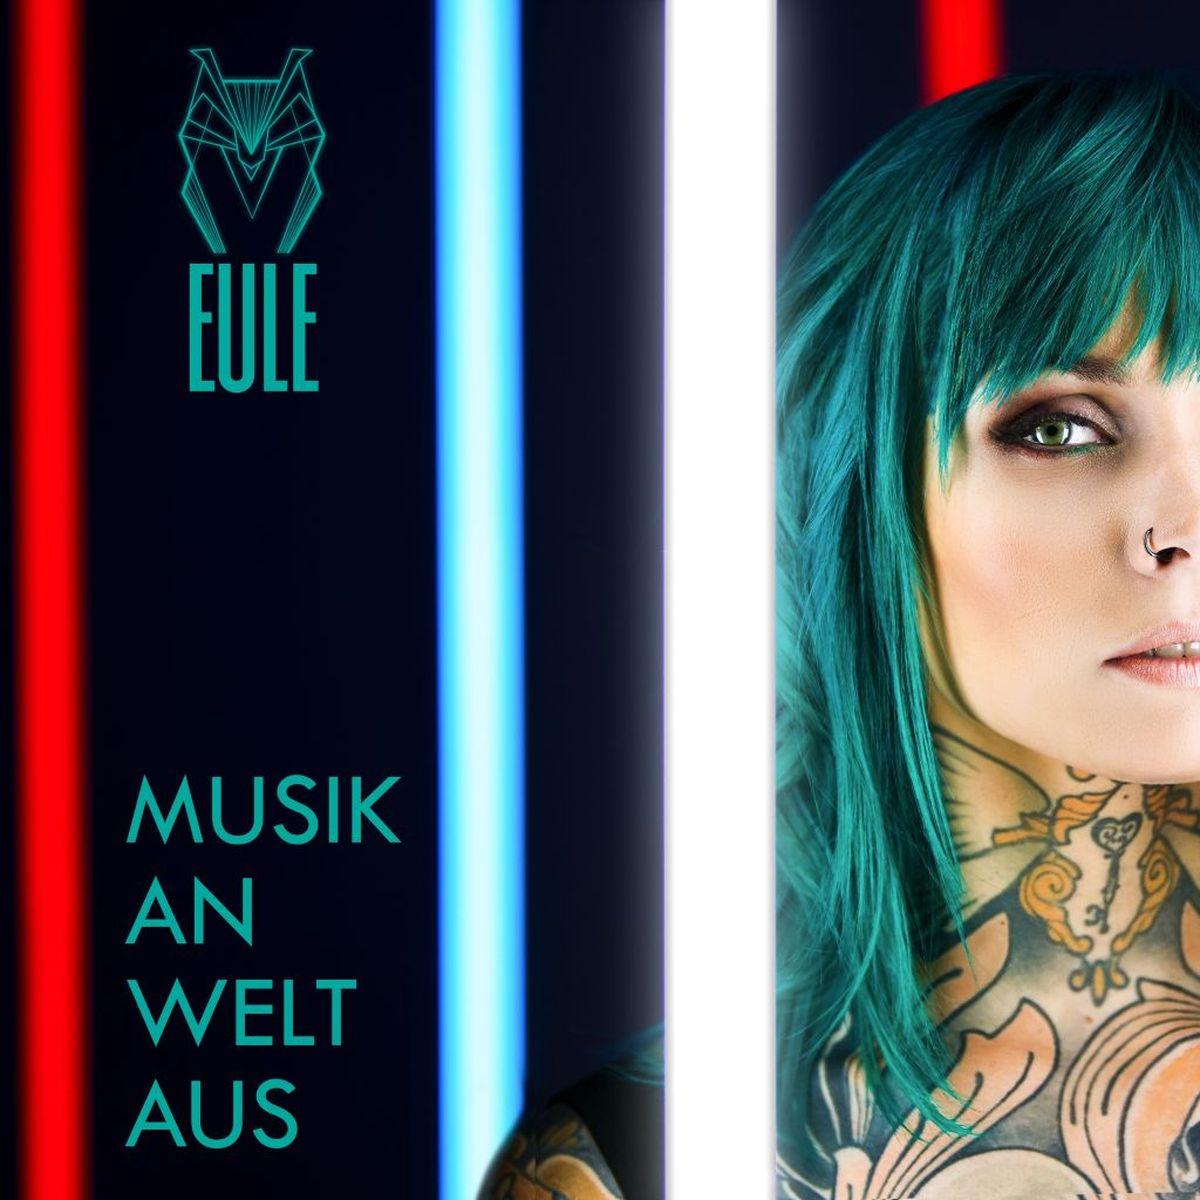 Eule: Musik an, Welt aus